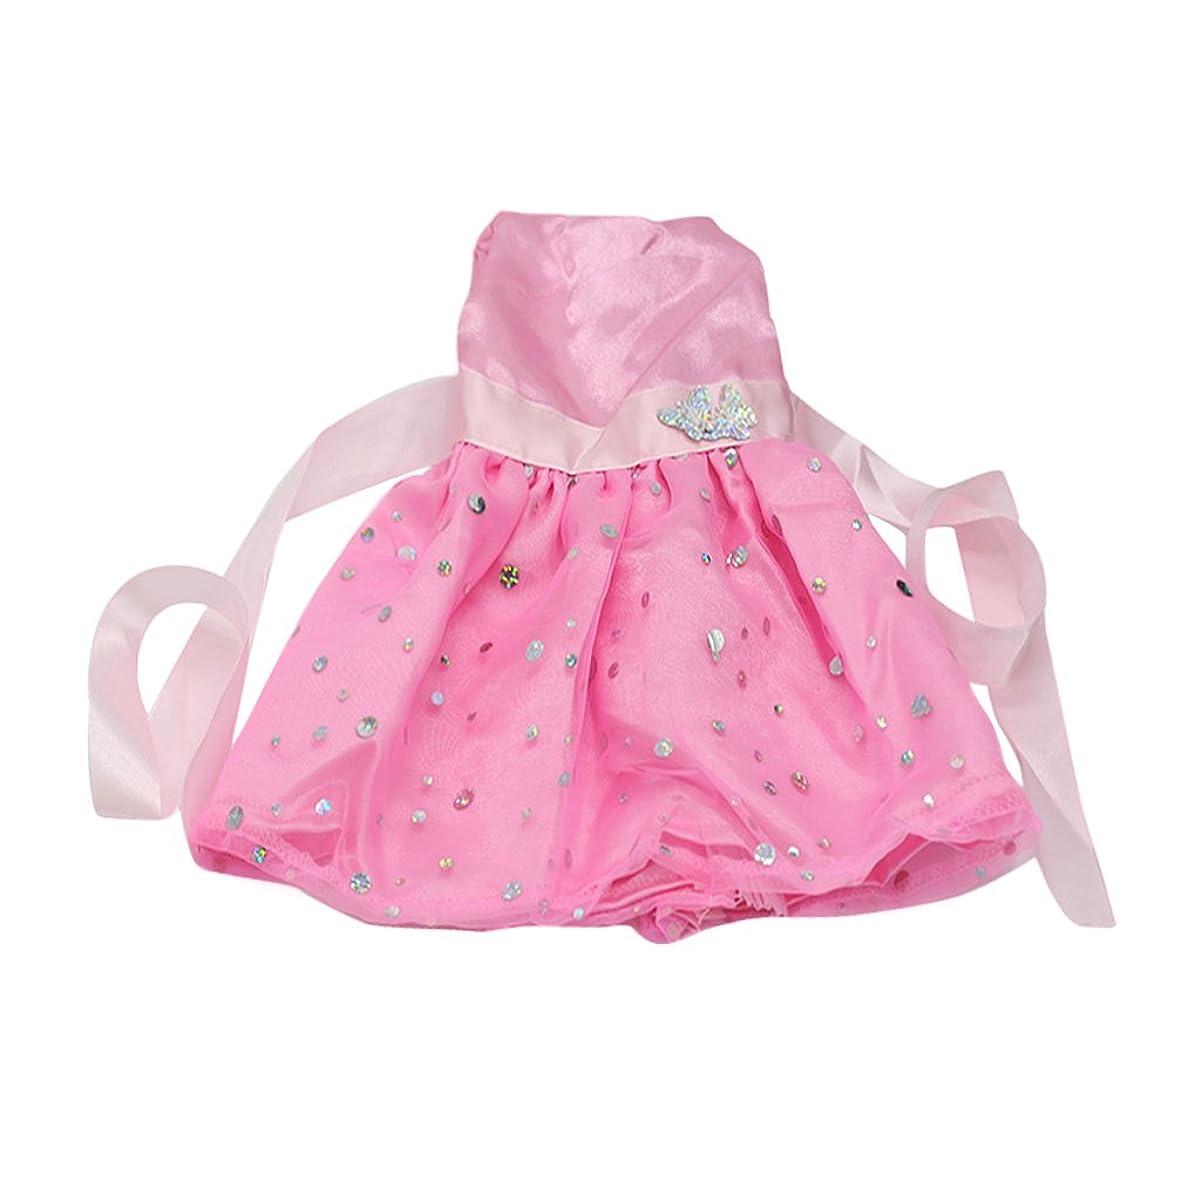 ご覧ください蛇行言及する【ノーブランド品】18インチ アメリカンガール 着せ替え人形用 ピンク 蝶 ドレス